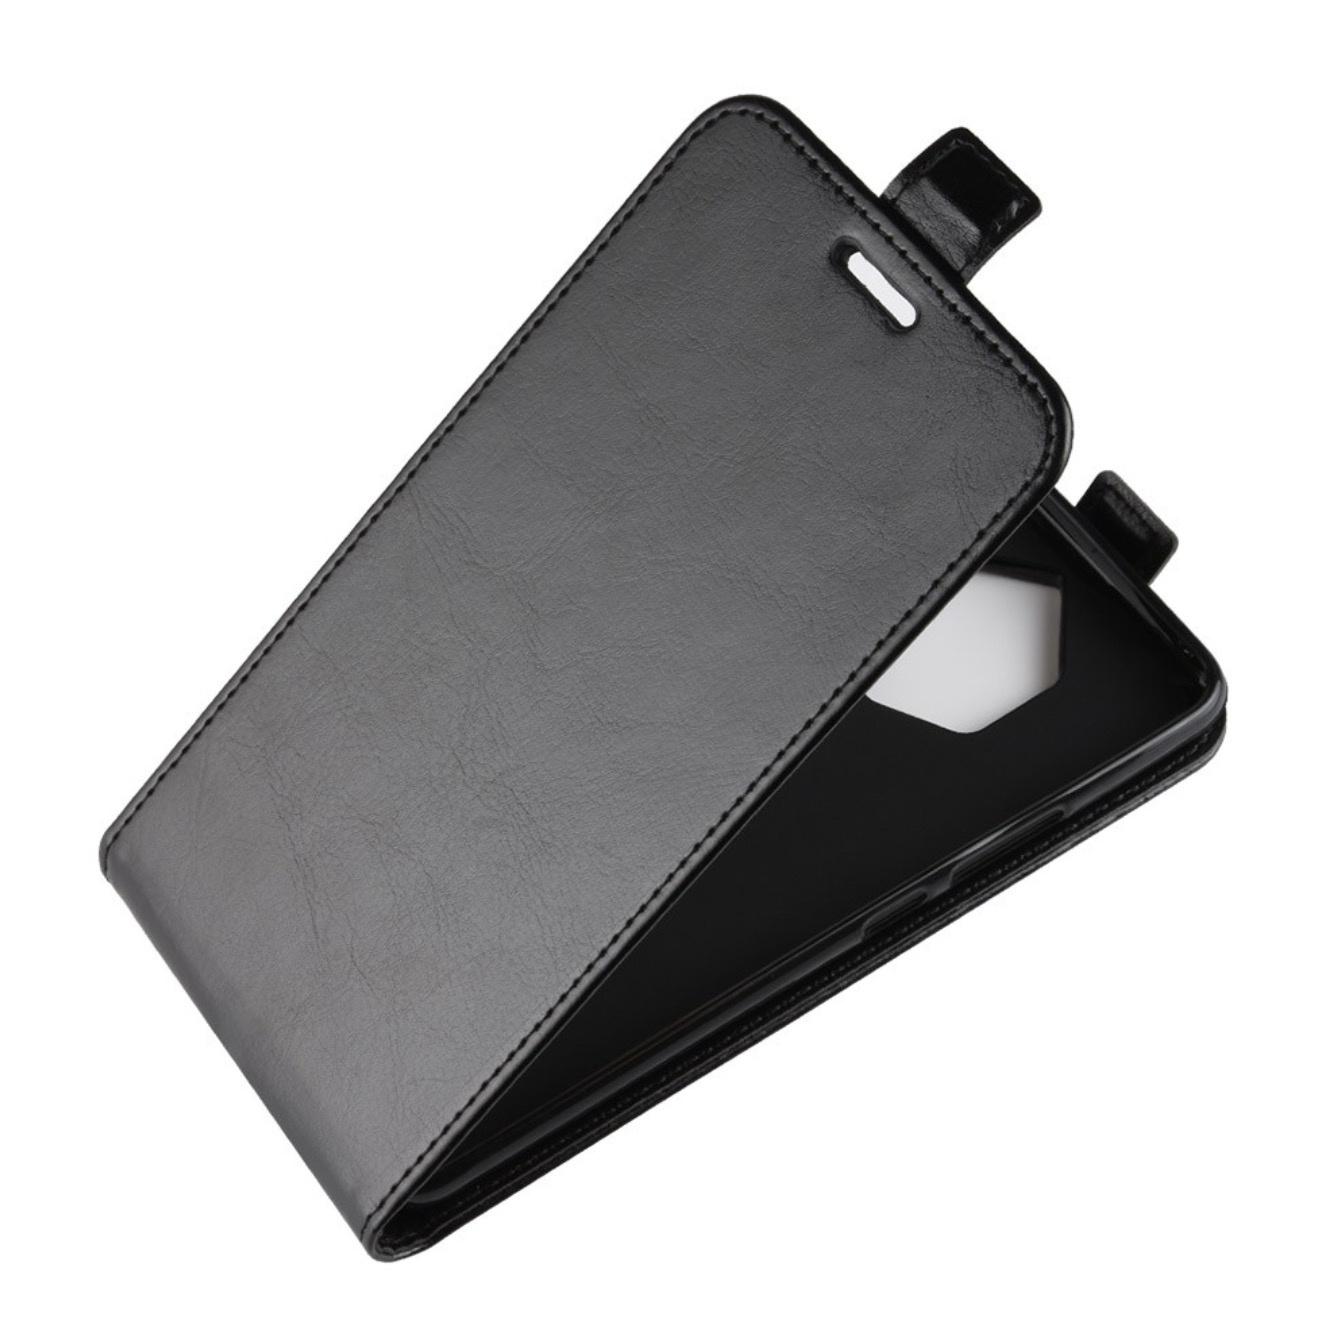 Чехол-флип MyPads для Sony Xperia C S39h / C2304 / C2305 вертикальный откидной черный